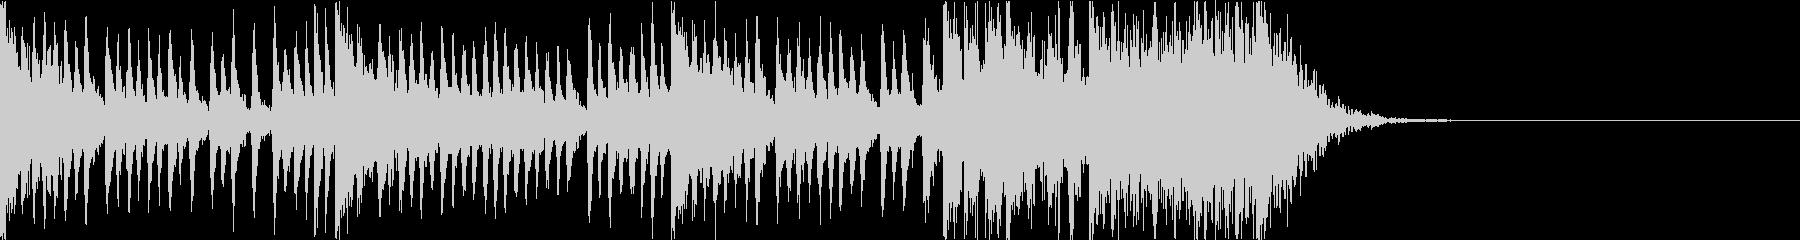 和太鼓アンサンブル/カウントダウン15秒の未再生の波形